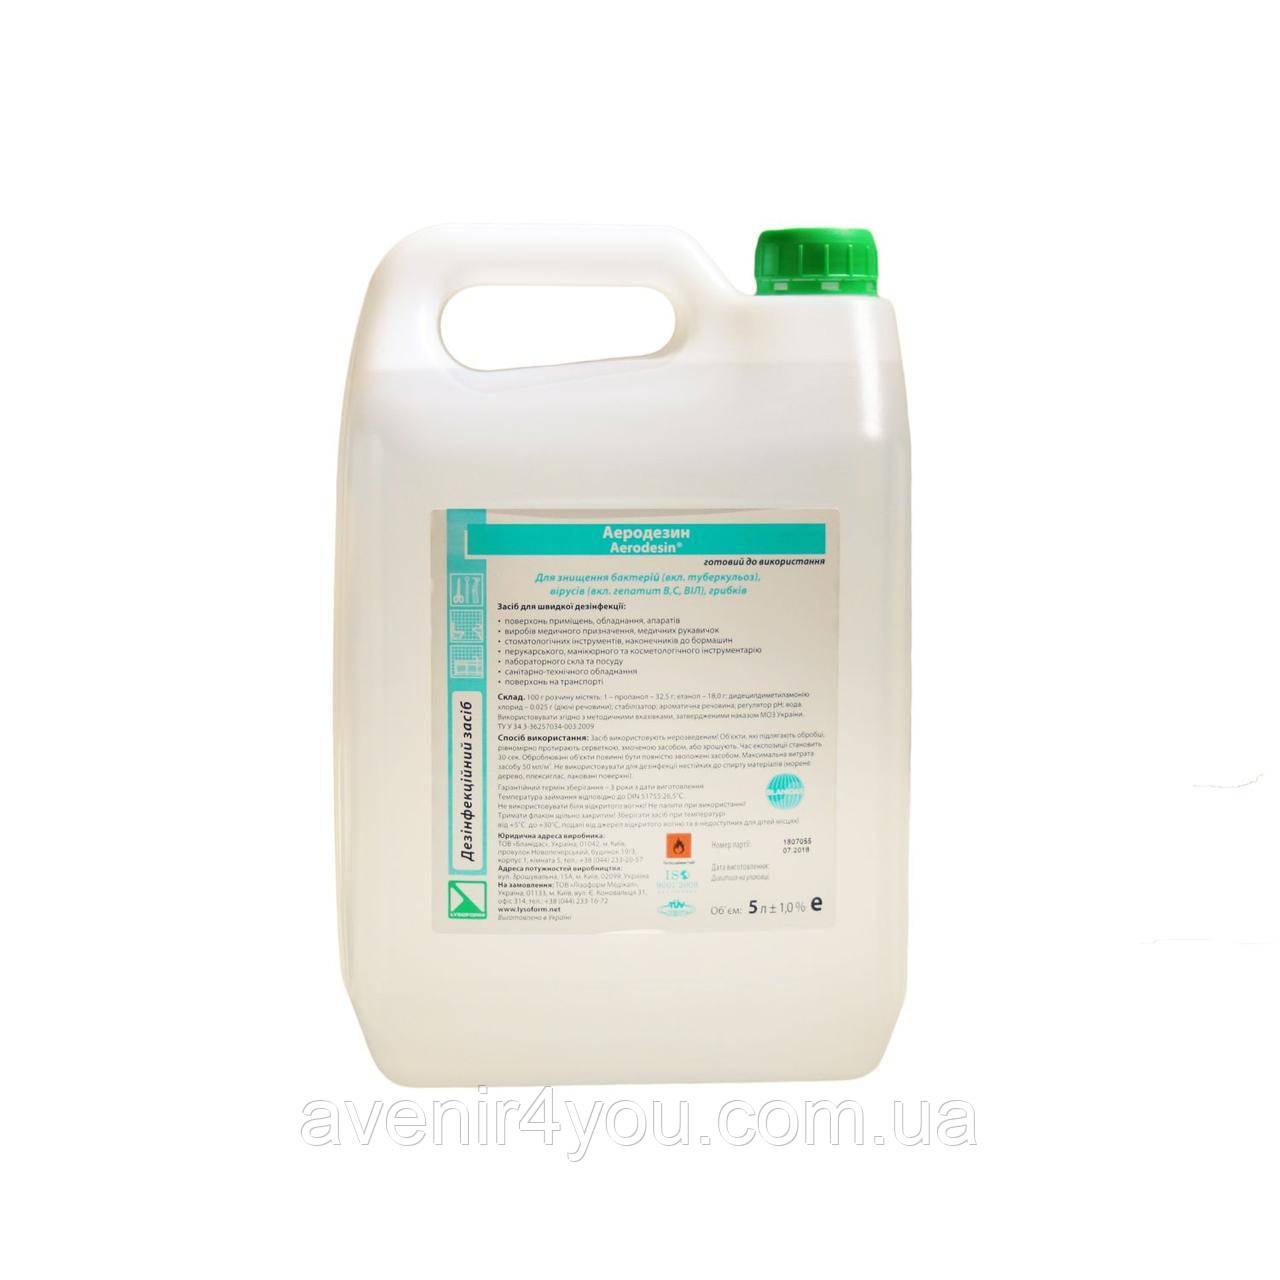 Аэродезин 5л - для быстрой дезинфекции поверхностей и инструментов